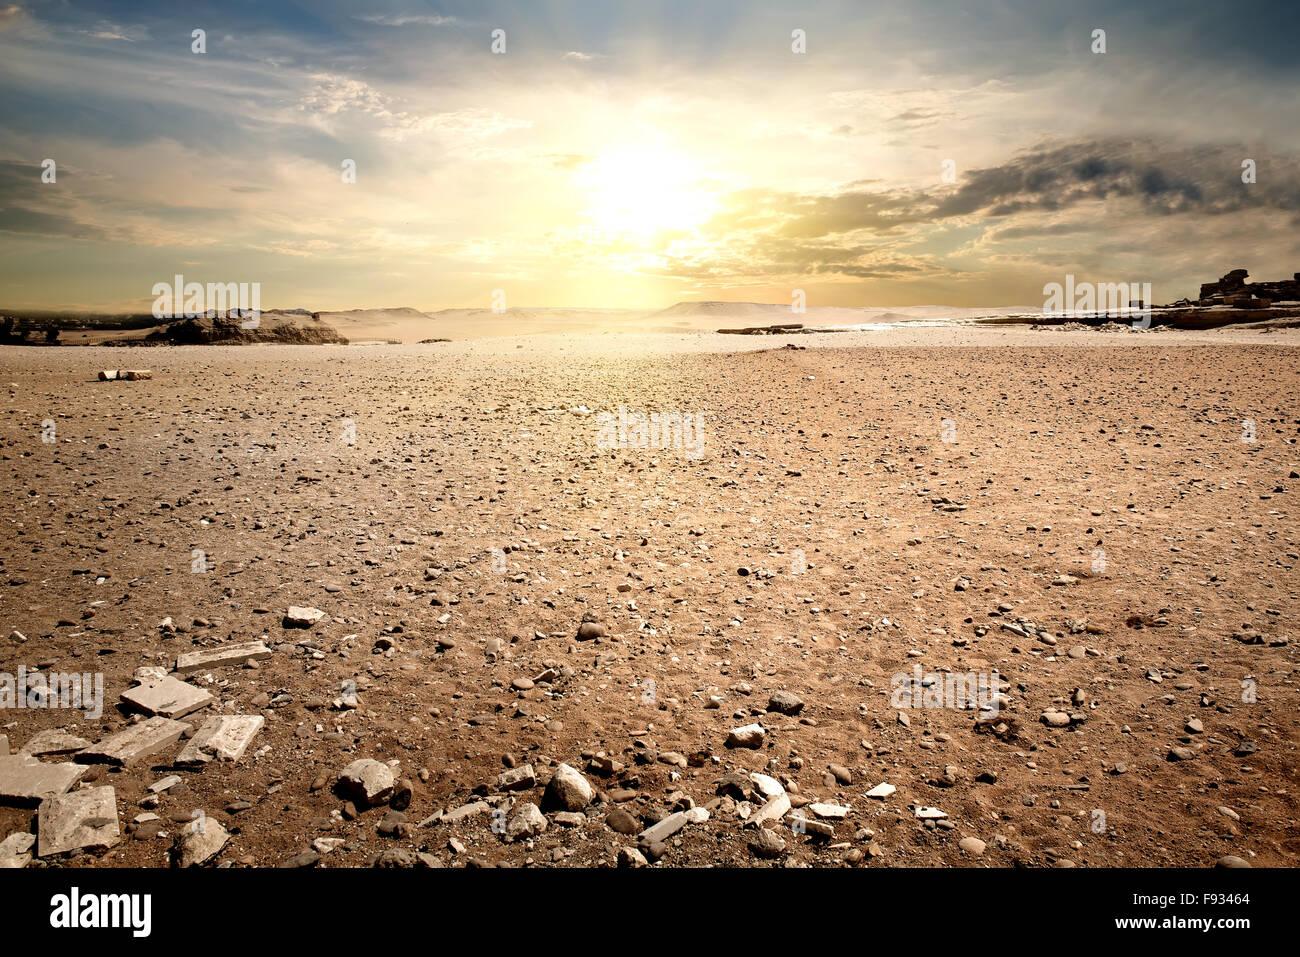 Cielo nublado en el pedregoso Desierto de Egipto Imagen De Stock